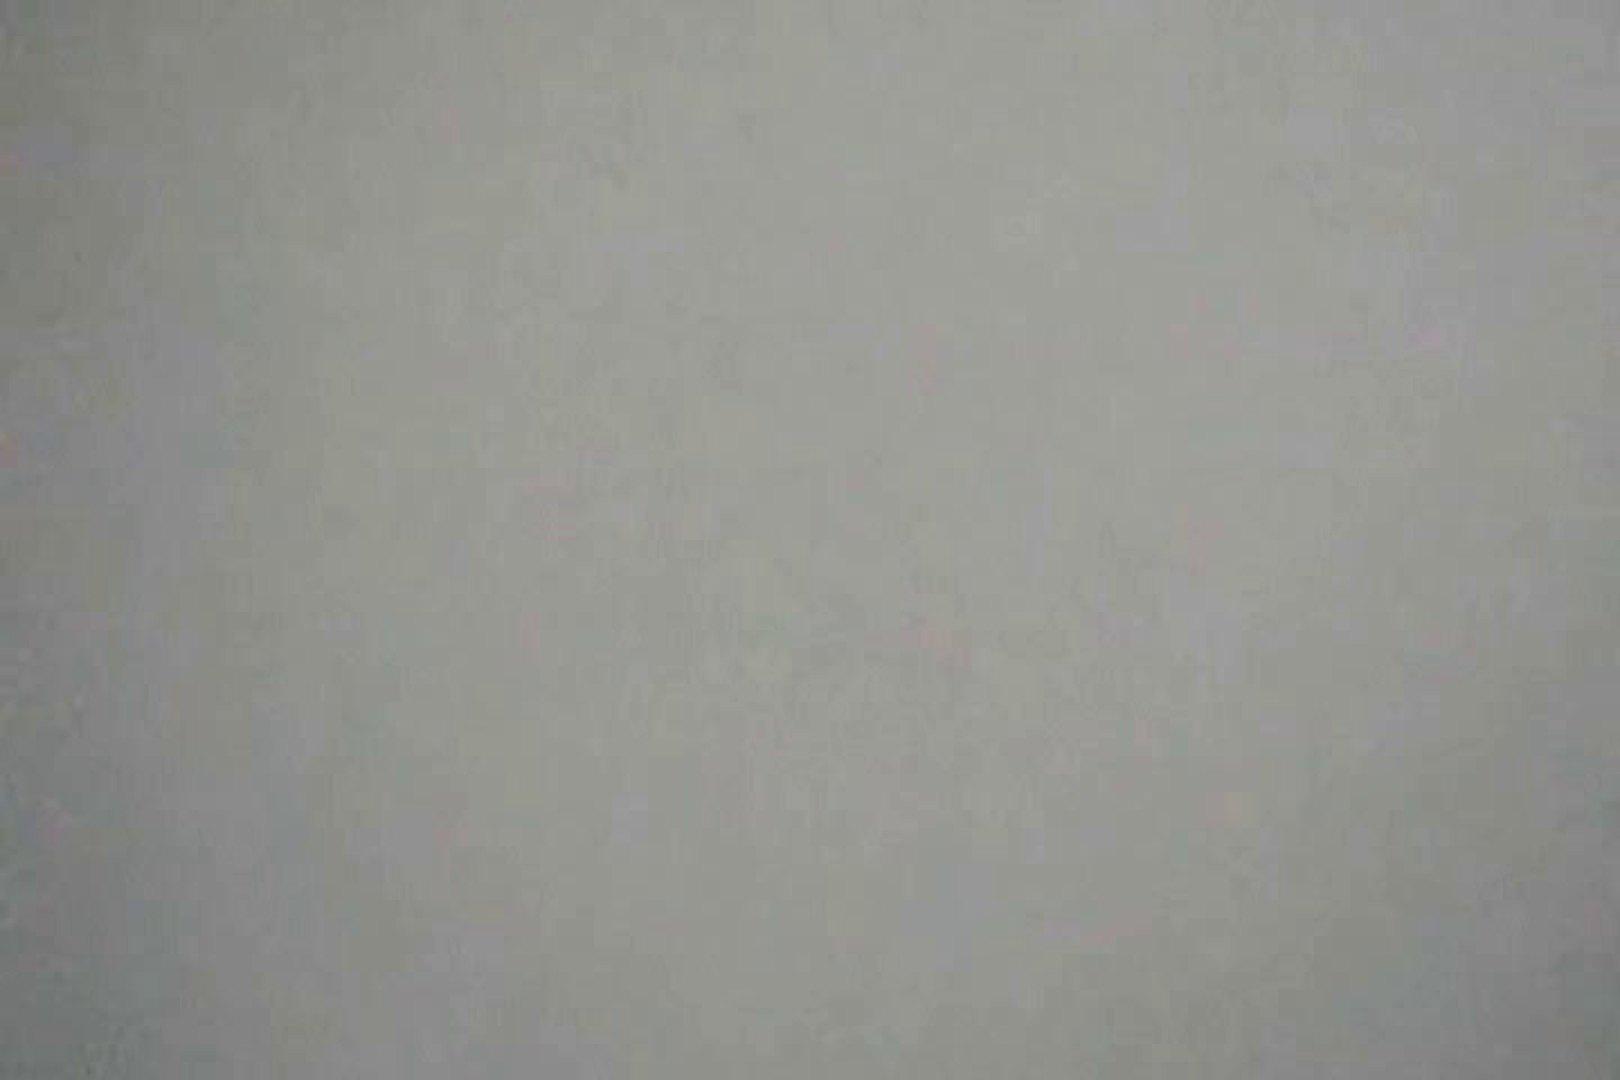 ぼっとん洗面所スペシャルVol.7 洗面所  106画像 20